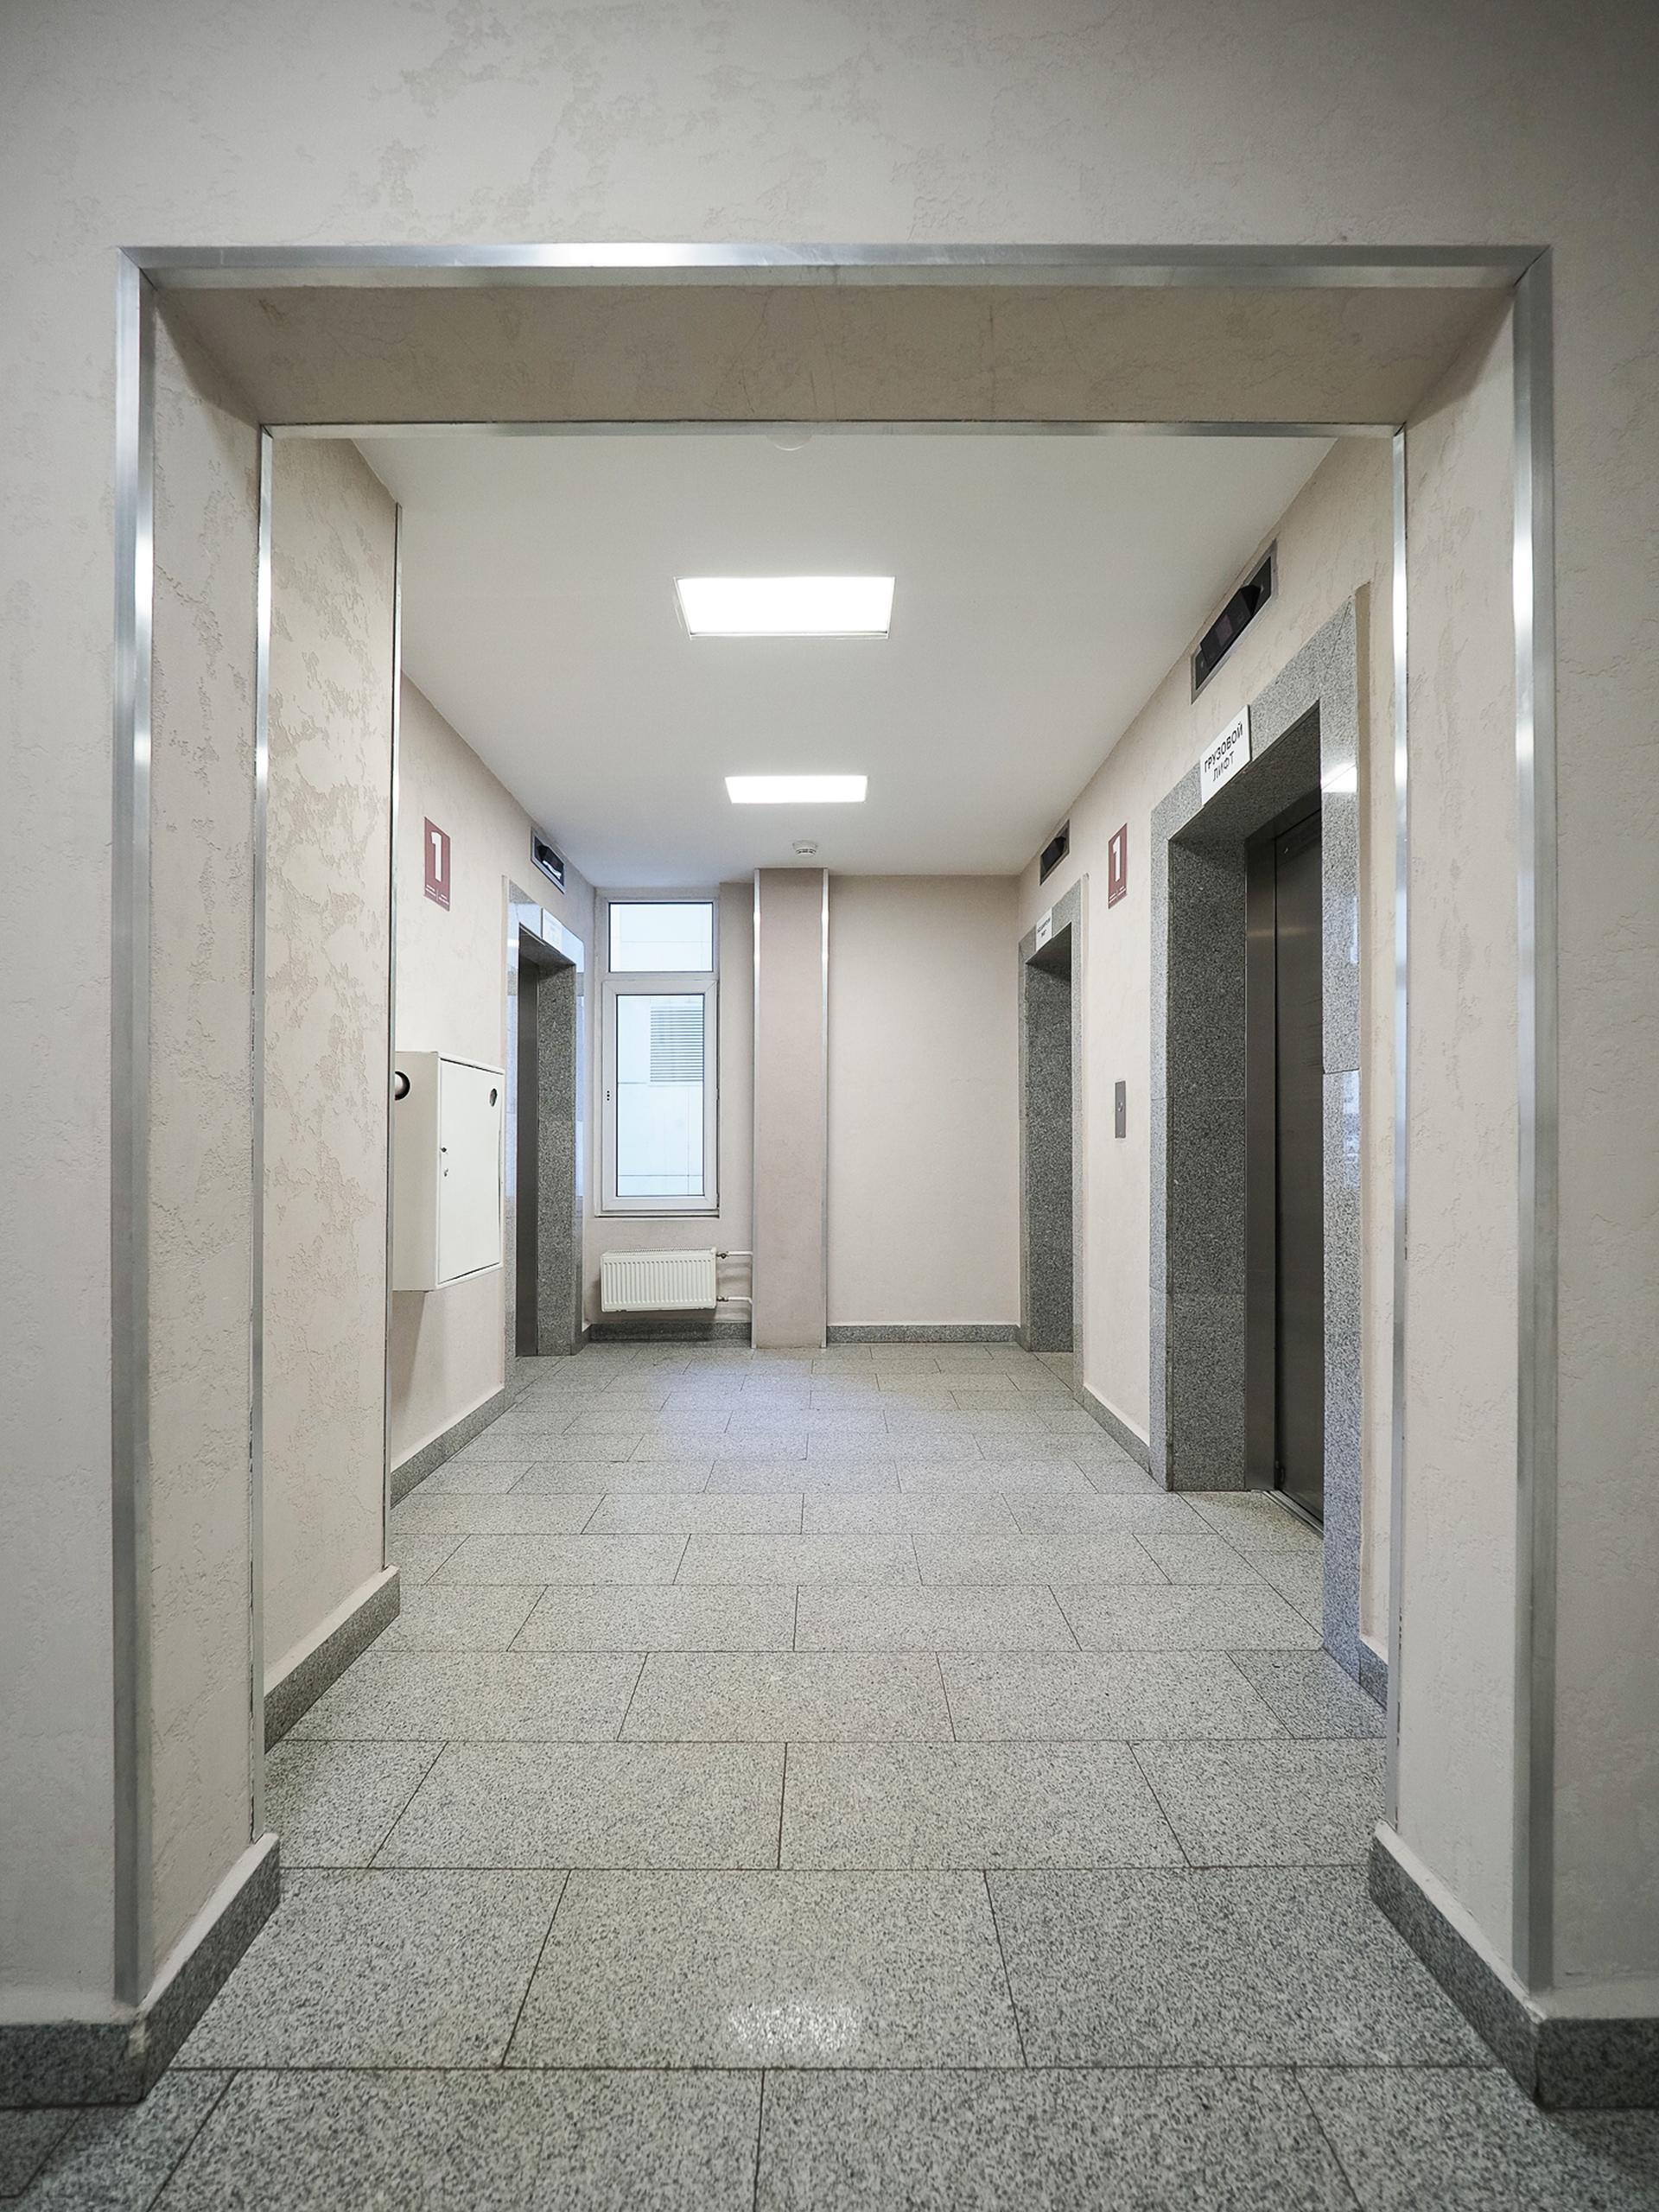 видовая квартира 22 этаж 100 Кв м 33